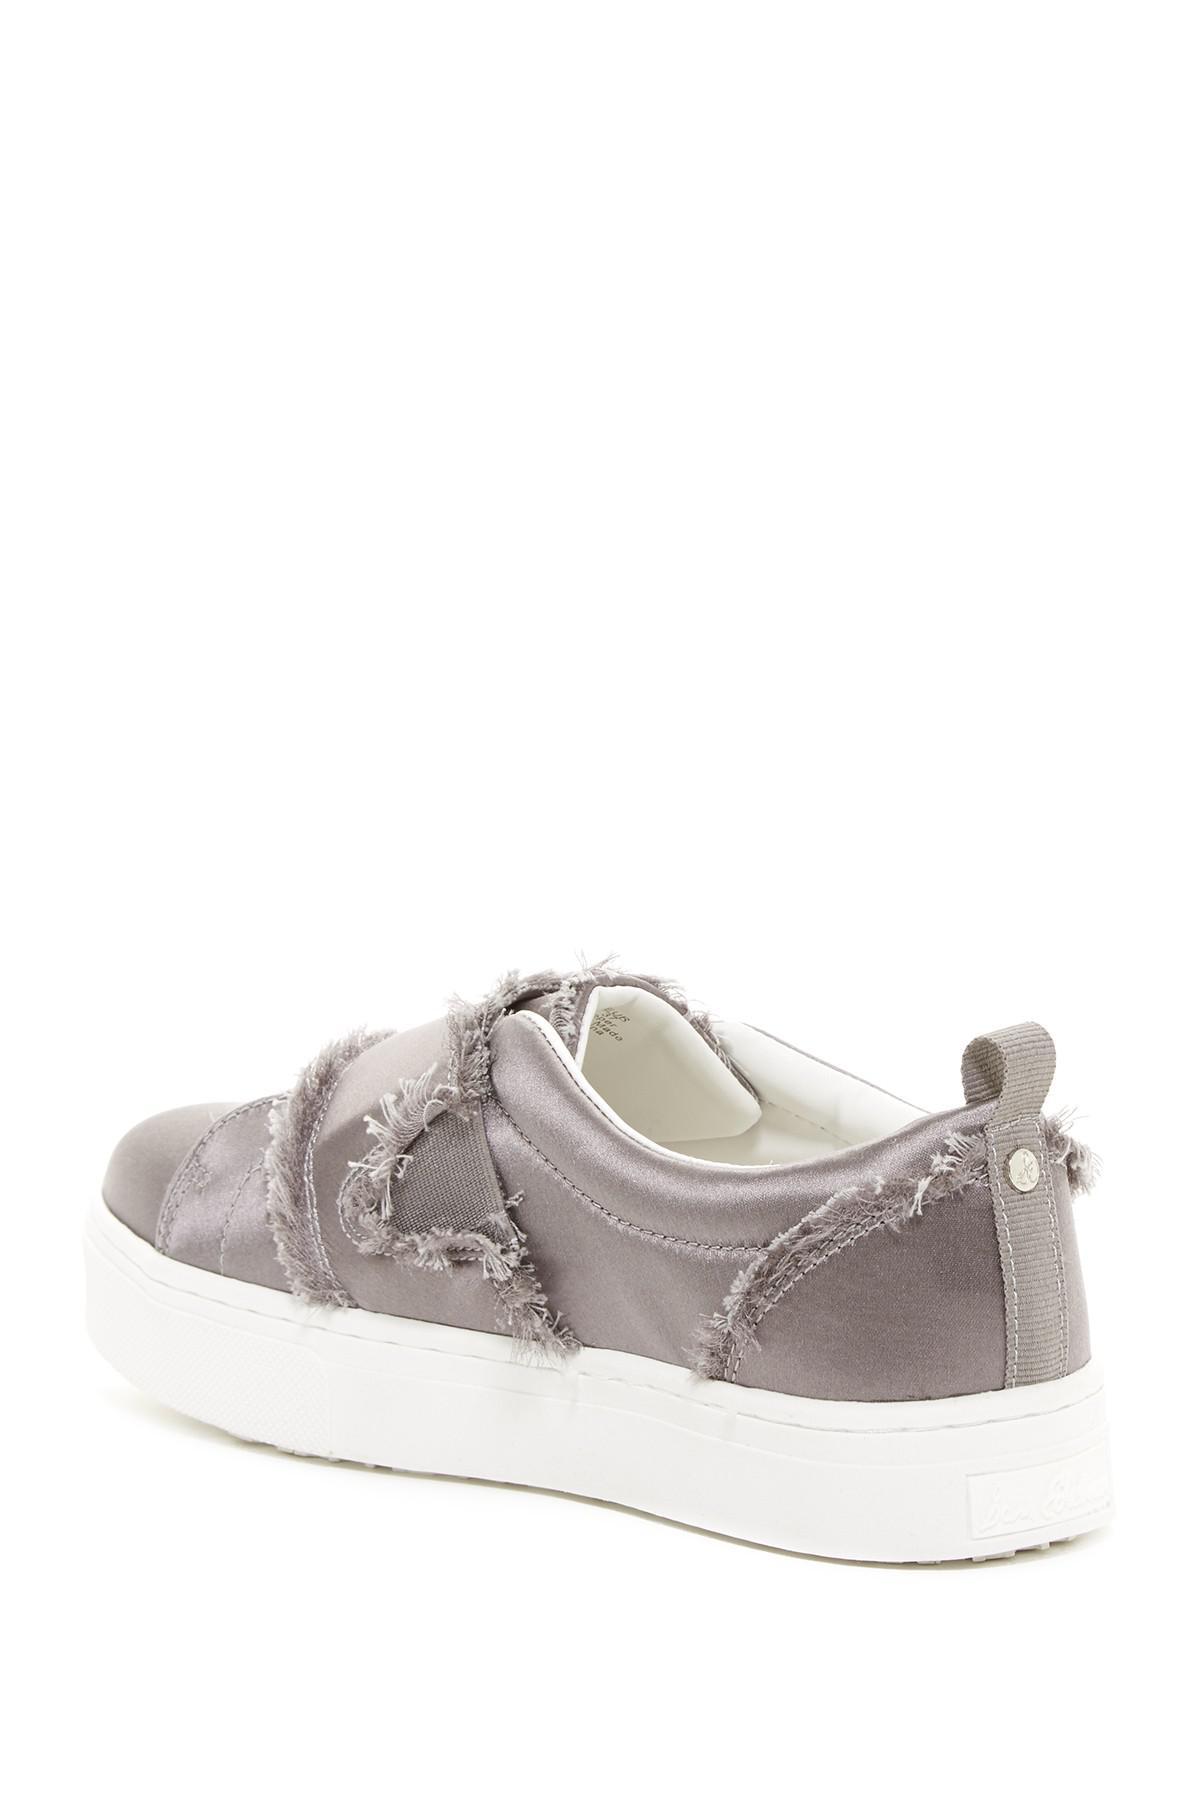 3878e2bed Lyst - Sam Edelman Levine Sneaker in Gray